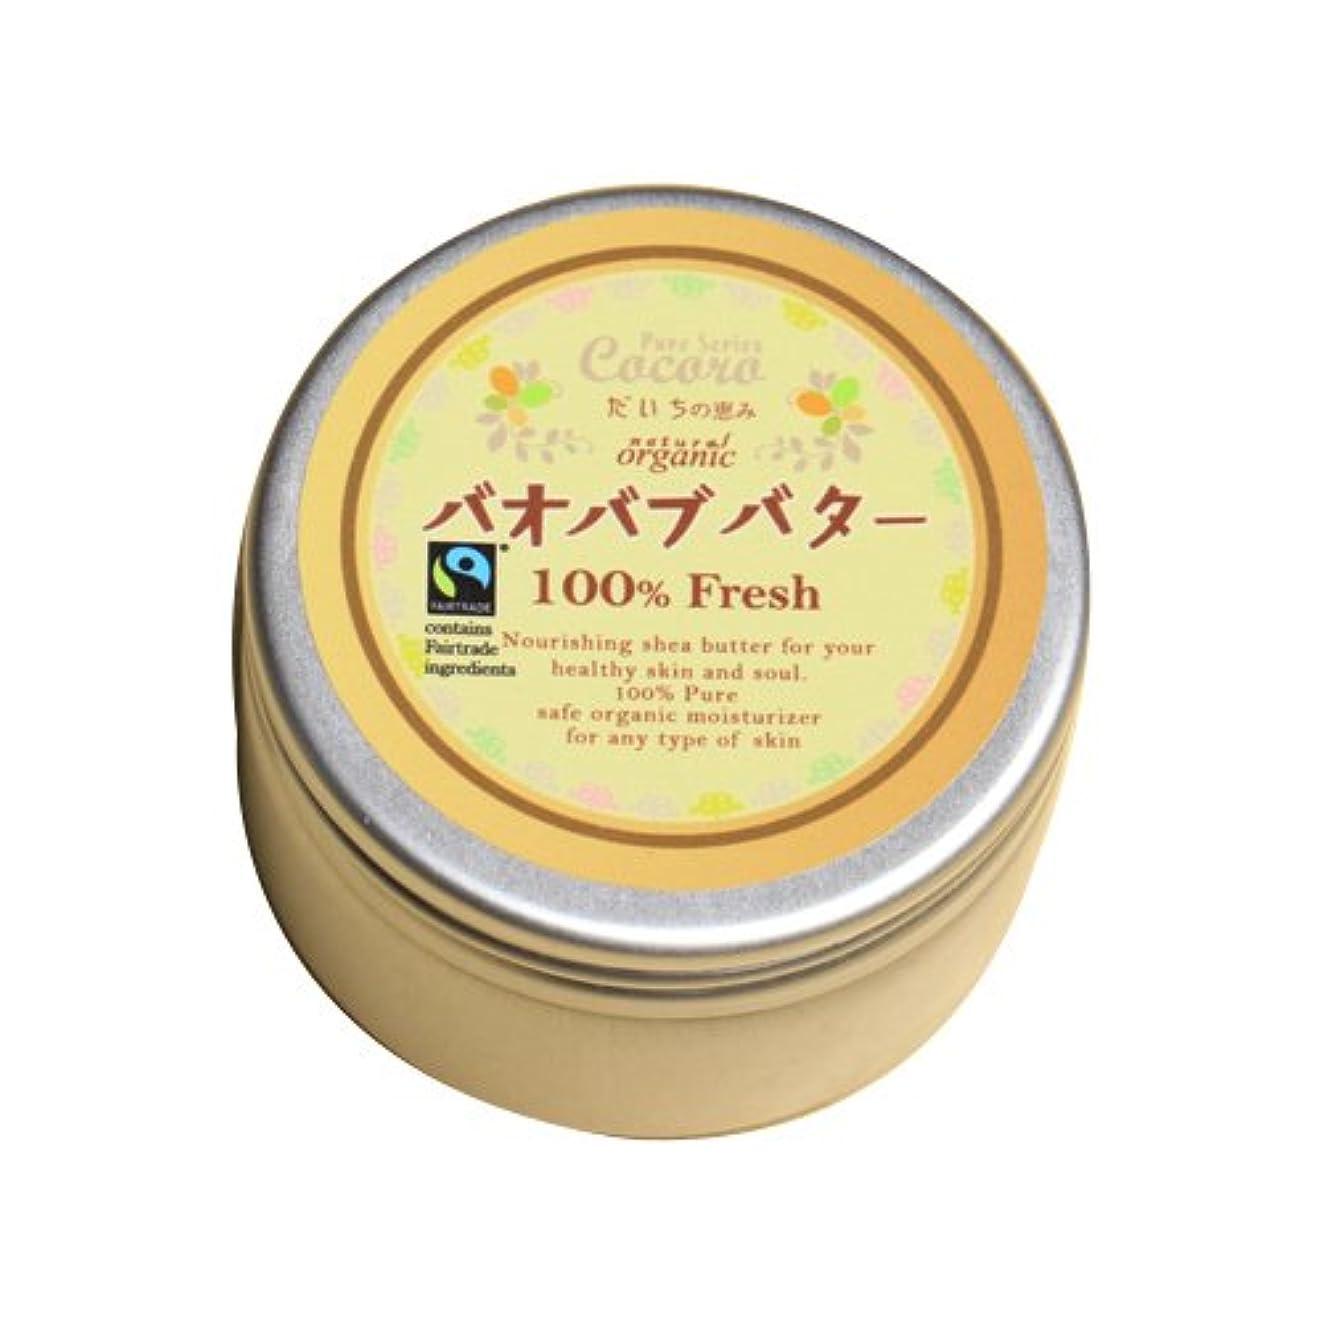 副産物スナッチ抑圧するシアバターとバオバブオイルのブレンドバター フェアトレード認証つき